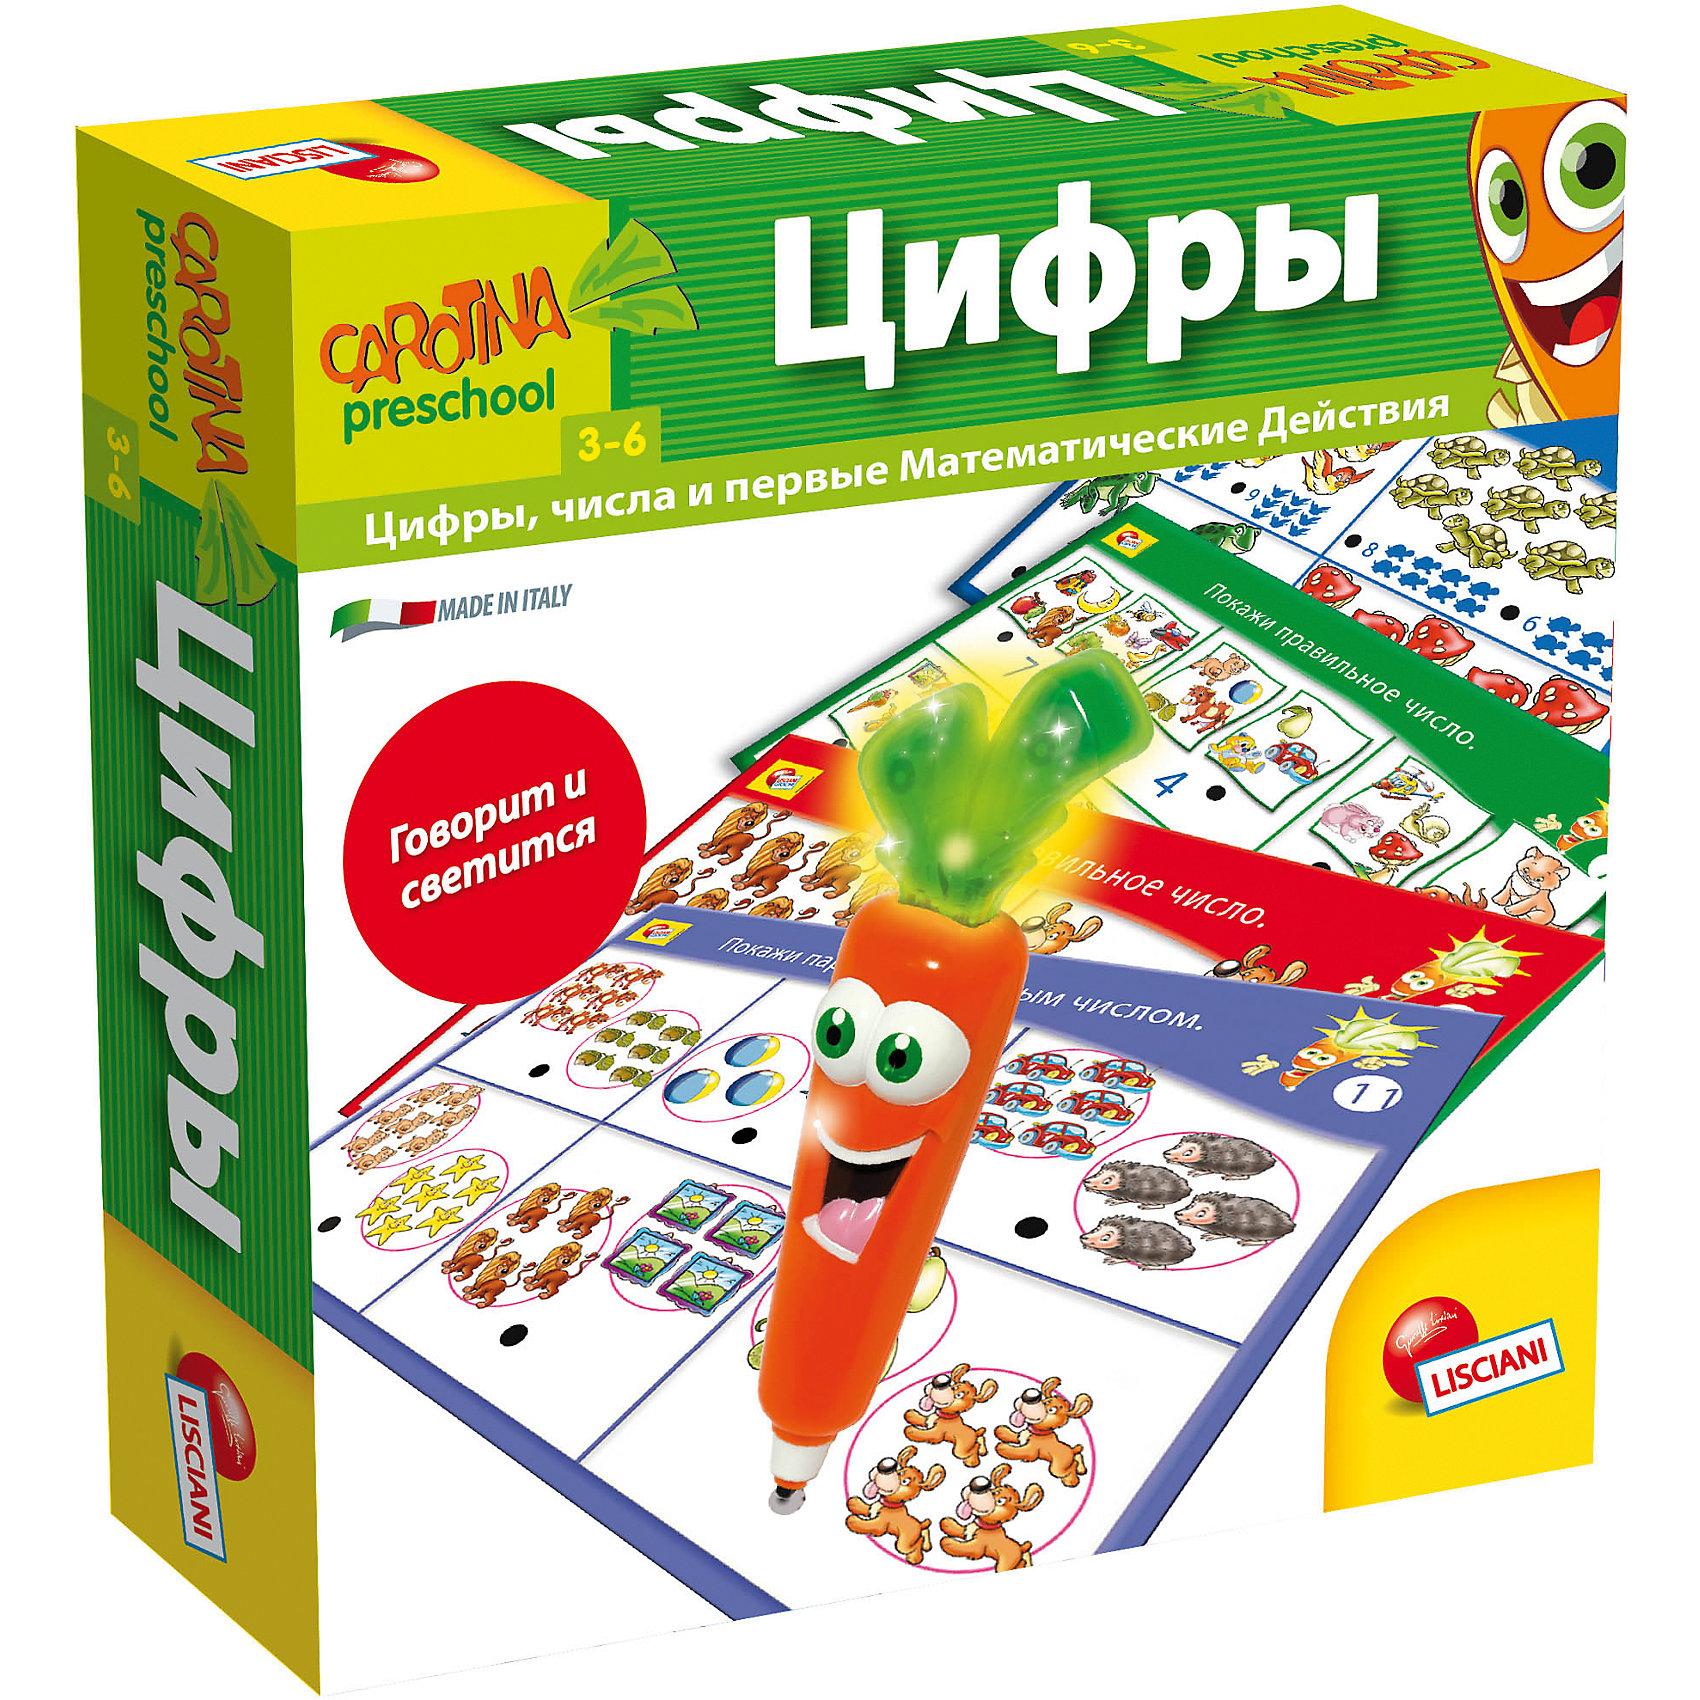 Обучающая игра Цифры с интерактивной морковкой, LiscianiПособия для обучения счёту<br>Обучающая игра Цифры с интерактивной морковкой, Lisciani<br><br>Характеристики:<br><br>• В набор входит: 8 карточек, морковка, инструкция<br>• Размер упаковки: 21х6х21 см.<br>• Элементы питания: включены <br>• Состав: картон, пластик<br>• Вес: 300 г.<br>• Для детей в возрасте: от 3 до 6 лет<br>• Страна производитель: Италия<br><br>Цветные карточки содержат задания с двух сторон, на них изображены животные, фрукты, овощи, повседневные предметы. Весёлая морковка поможет познакомить малыша с миром цифр и счёта, она загорается и играем мелодии. <br><br>Помечая морковкой ответы ребёнок сможет сравнивать числа, показывать цифры, соответствующие предметам. С таким набором ребёнку будут по плечу все необходимые начальные математические навыки, а игра будет интересной и увлекательной.<br><br>Обучающую игру Цифры с интерактивной морковкой, Lisciani можно купить в нашем интернет-магазине.<br><br>Ширина мм: 254<br>Глубина мм: 254<br>Высота мм: 60<br>Вес г: 300<br>Возраст от месяцев: 36<br>Возраст до месяцев: 2147483647<br>Пол: Унисекс<br>Возраст: Детский<br>SKU: 5522898